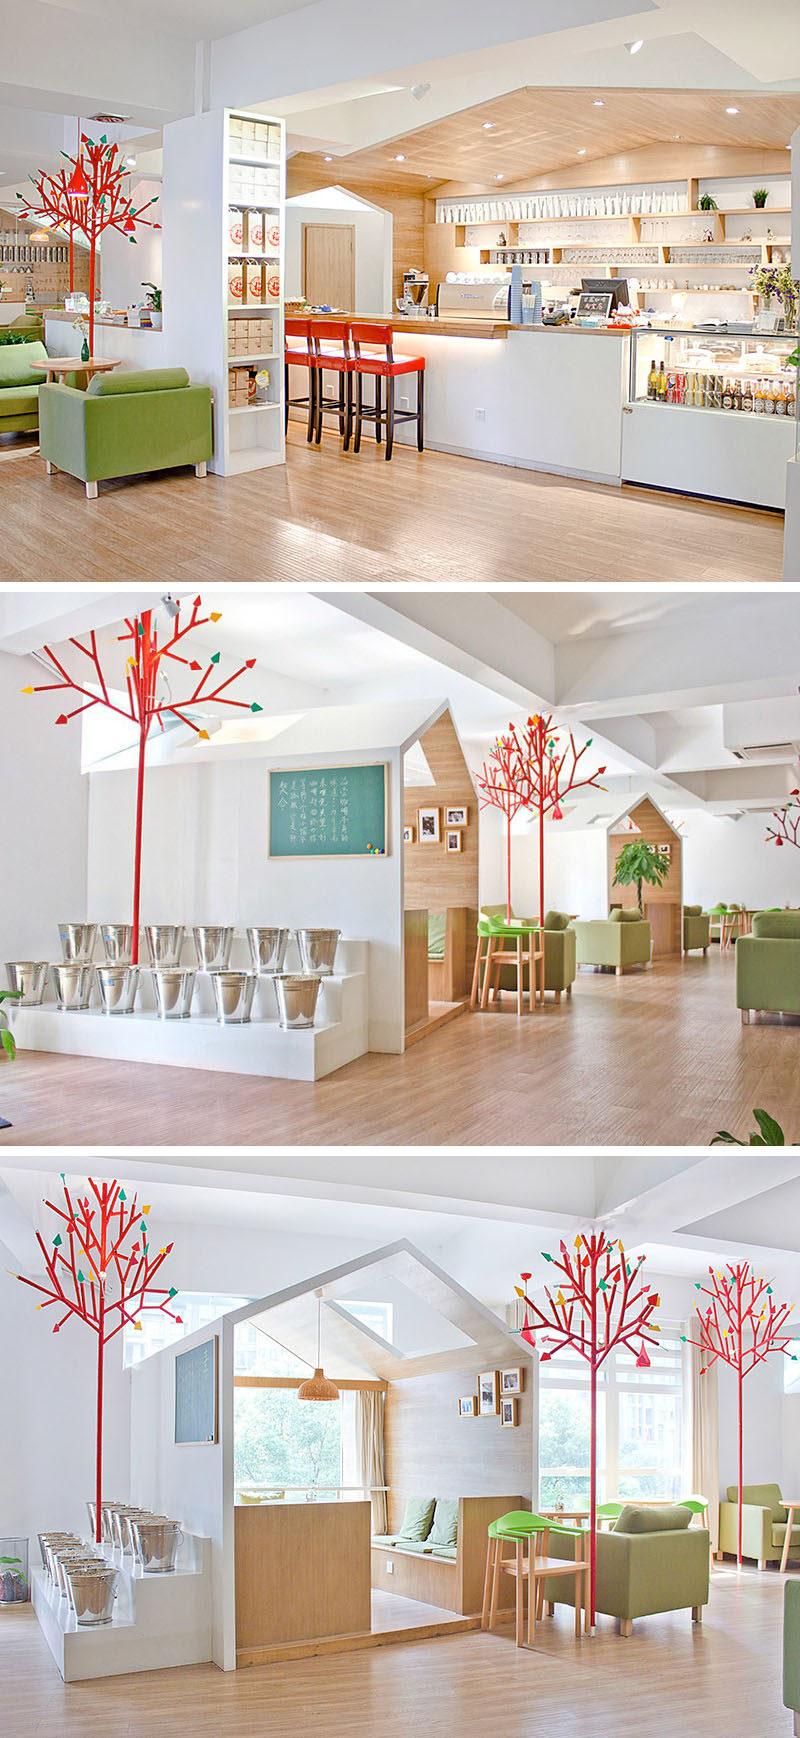 10 cửa hàng cà phê độc đáo ở Châu Á / YAMODesign Studio thiết kế Kale Cafe ở Hàng Châu, Trung Quốc với nội thất tươi sáng, đầy đủ các căn nhà nhỏ phân chia không gian và tạo những điểm ấm cúng để cuộn tròn với cà phê của bạn hoặc trò chuyện với bạn bè.